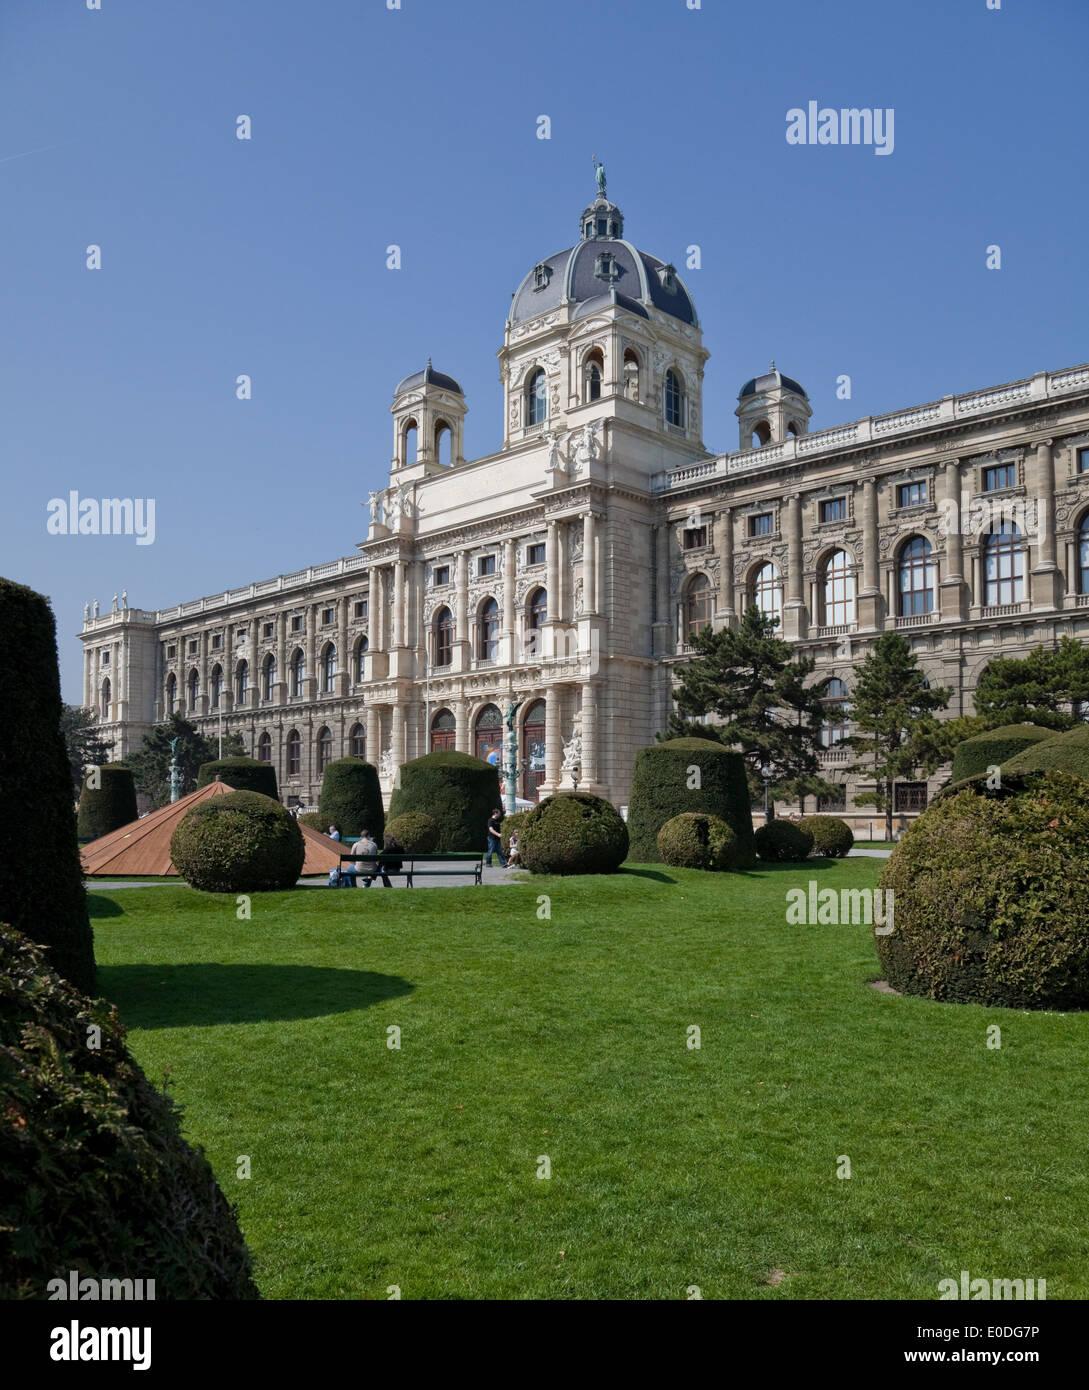 Naturhistorisches Museum, Wien, Österreich - Natural History Museum, Vienna, Austria - Stock Image